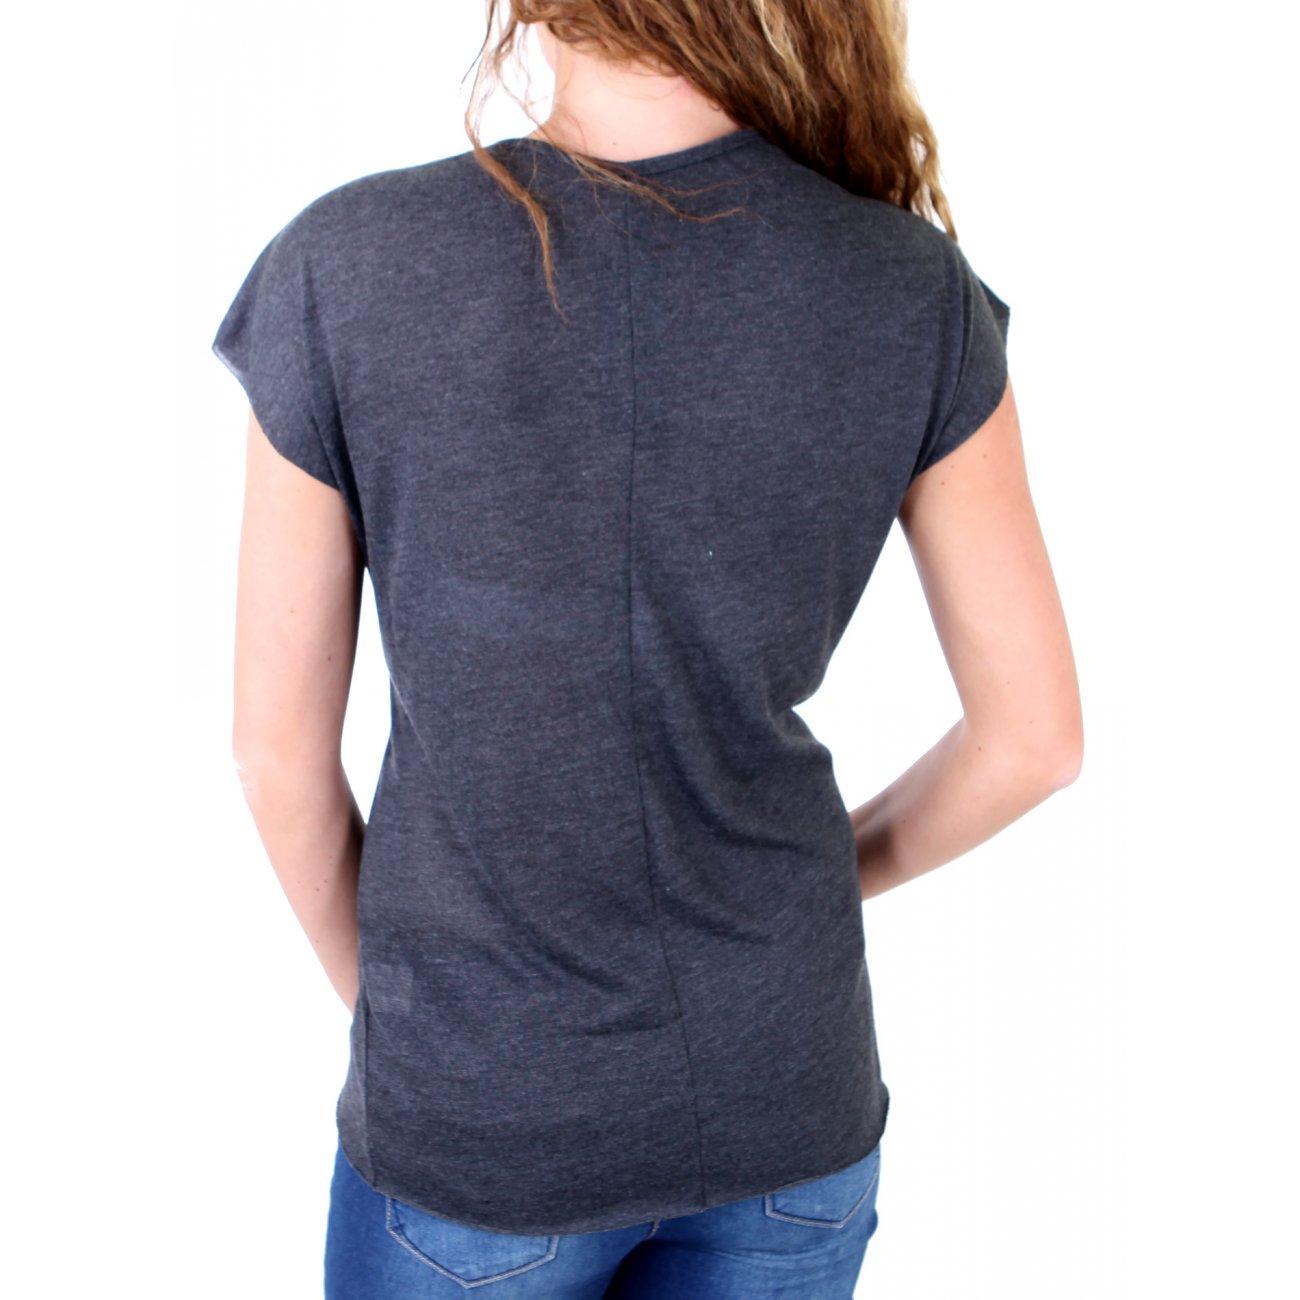 madonna t shirt damen elle t shirt damen g nstig. Black Bedroom Furniture Sets. Home Design Ideas